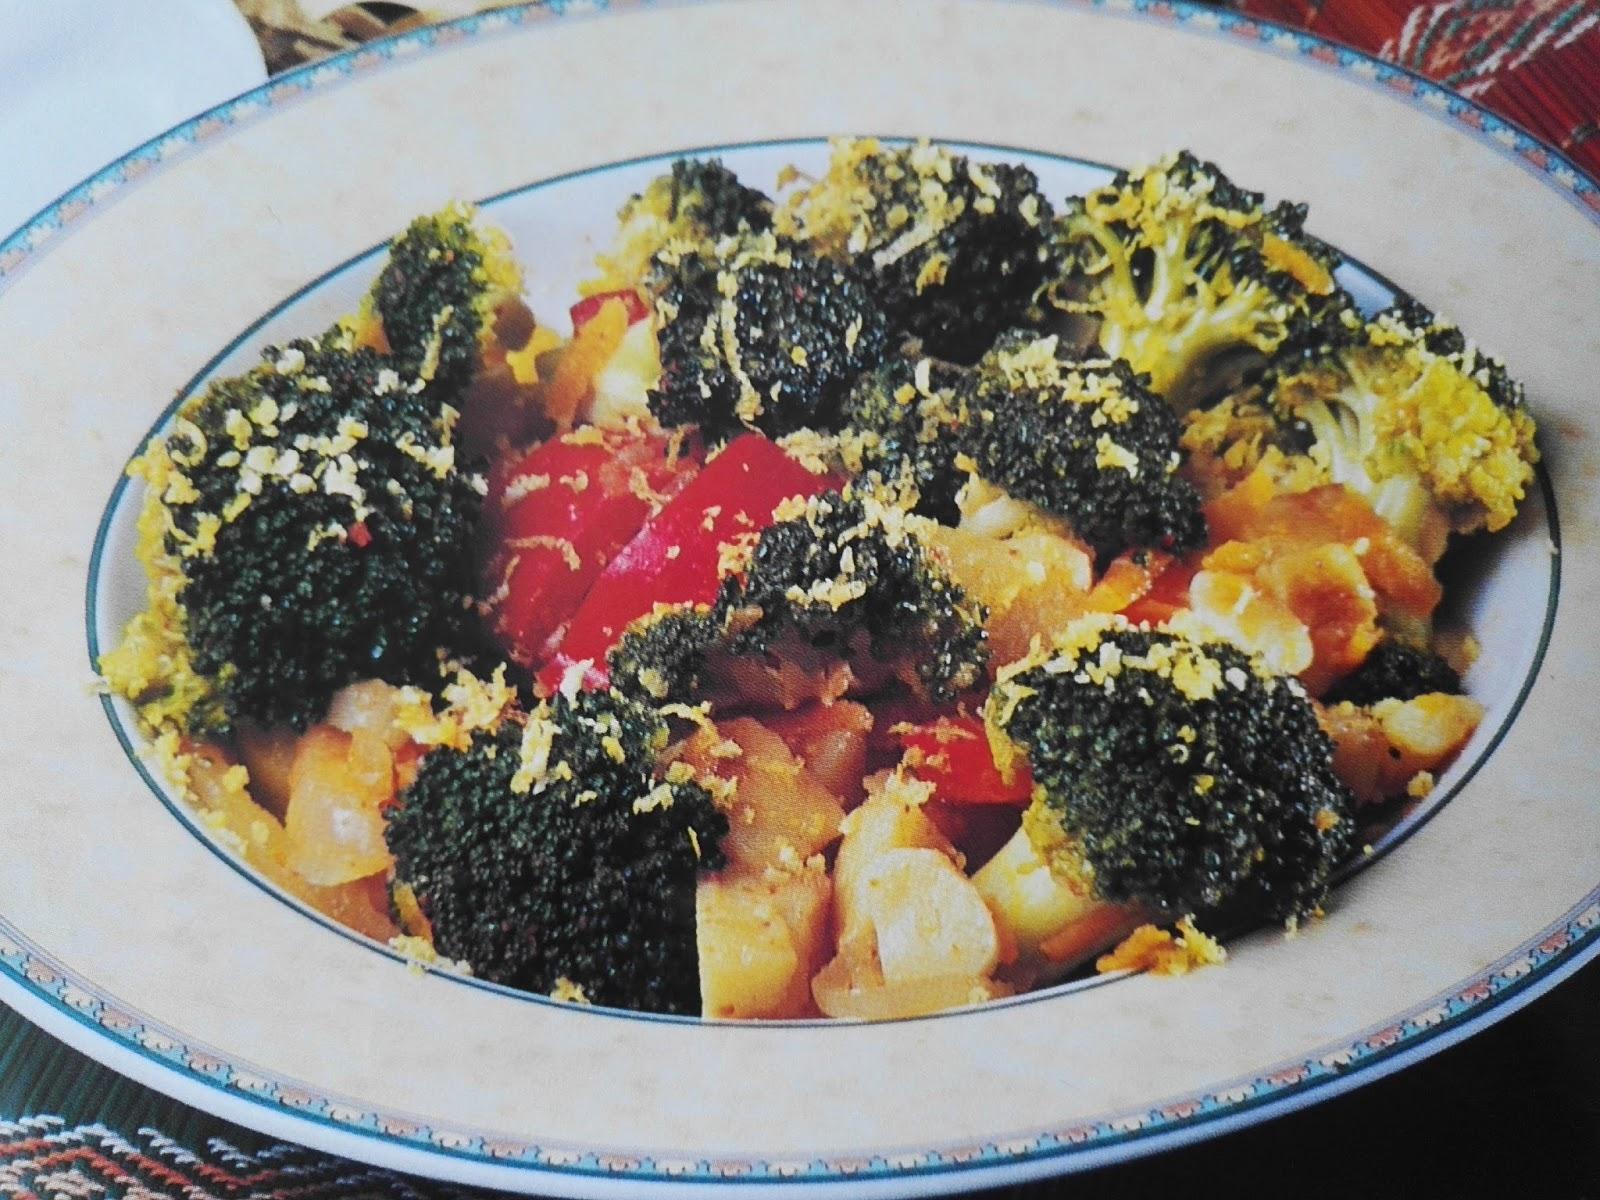 Brokolili tavuk kızartma tarifi